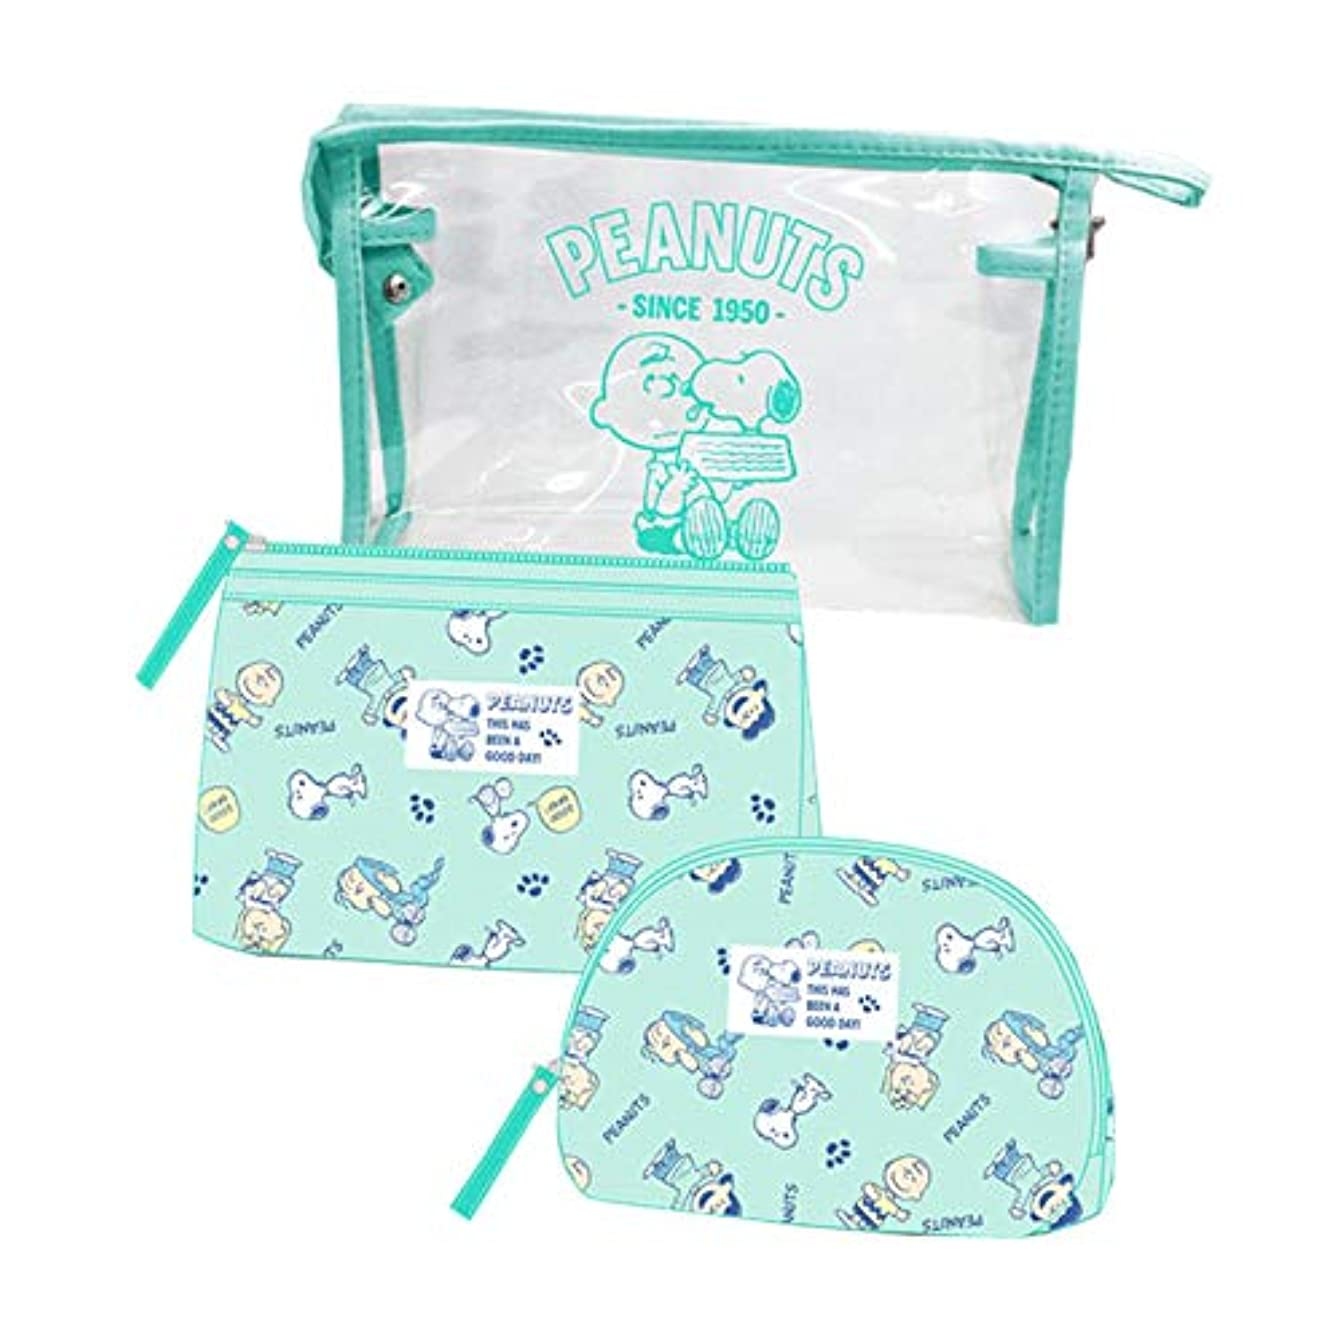 差し引くどうやら猫背【SNOOPY】 スヌーピー コスメ ポーチ 3点セット + ミニタオル セット ケース 化粧 バッグ 大容量